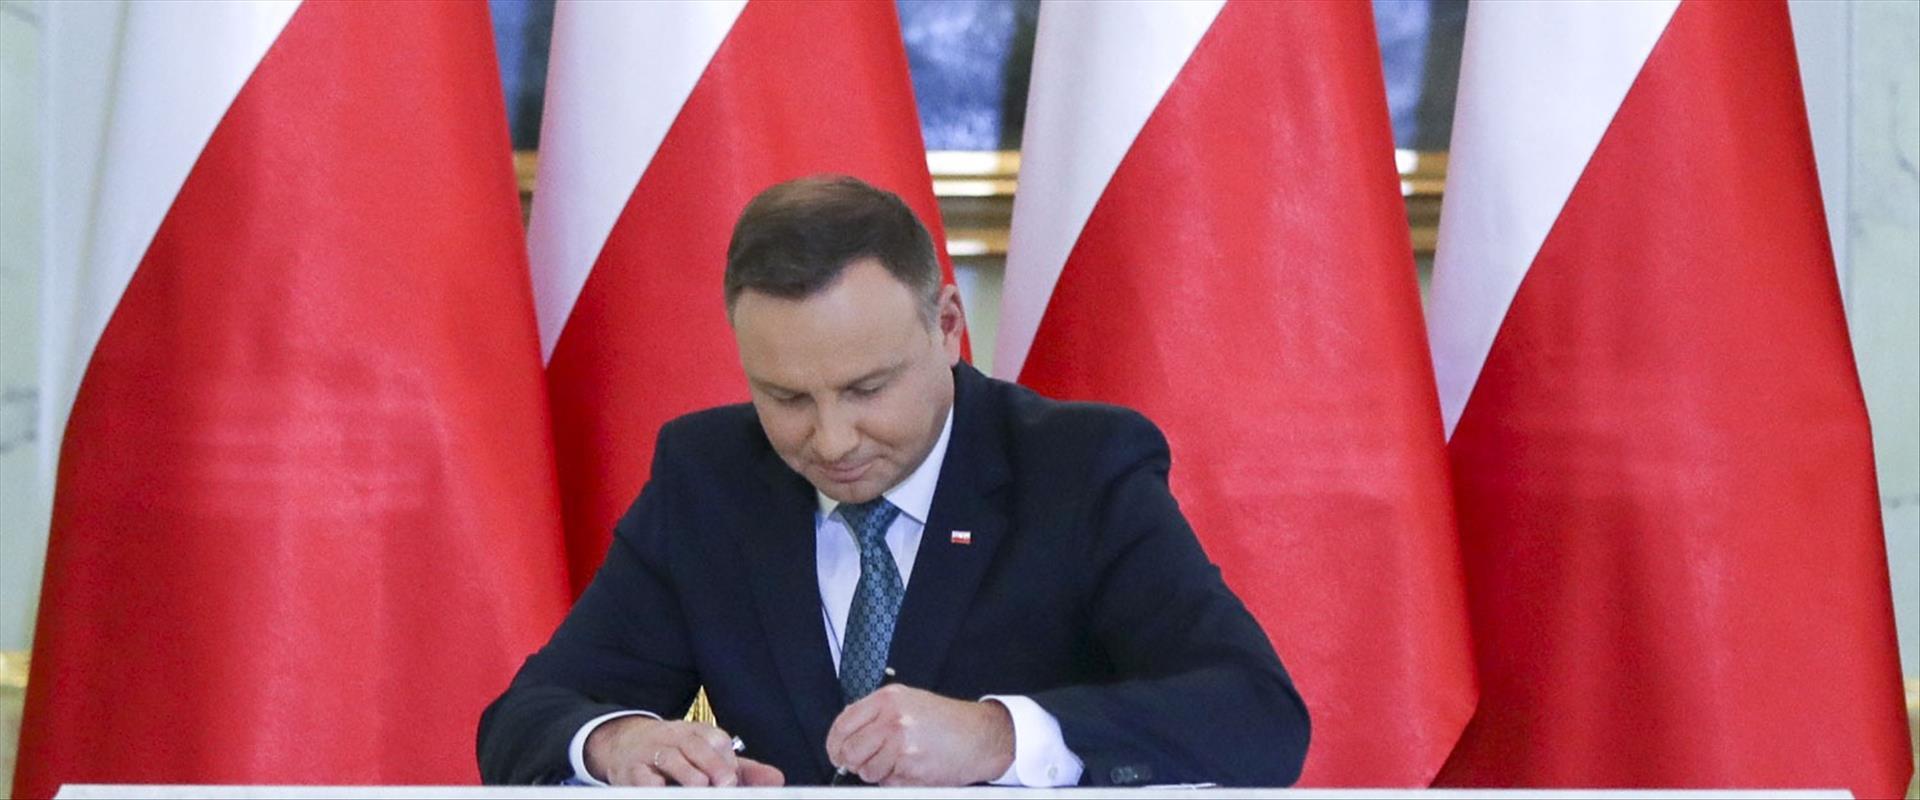 נשיא פולין אנדז'יי דודה חותם על חוק הרכוש